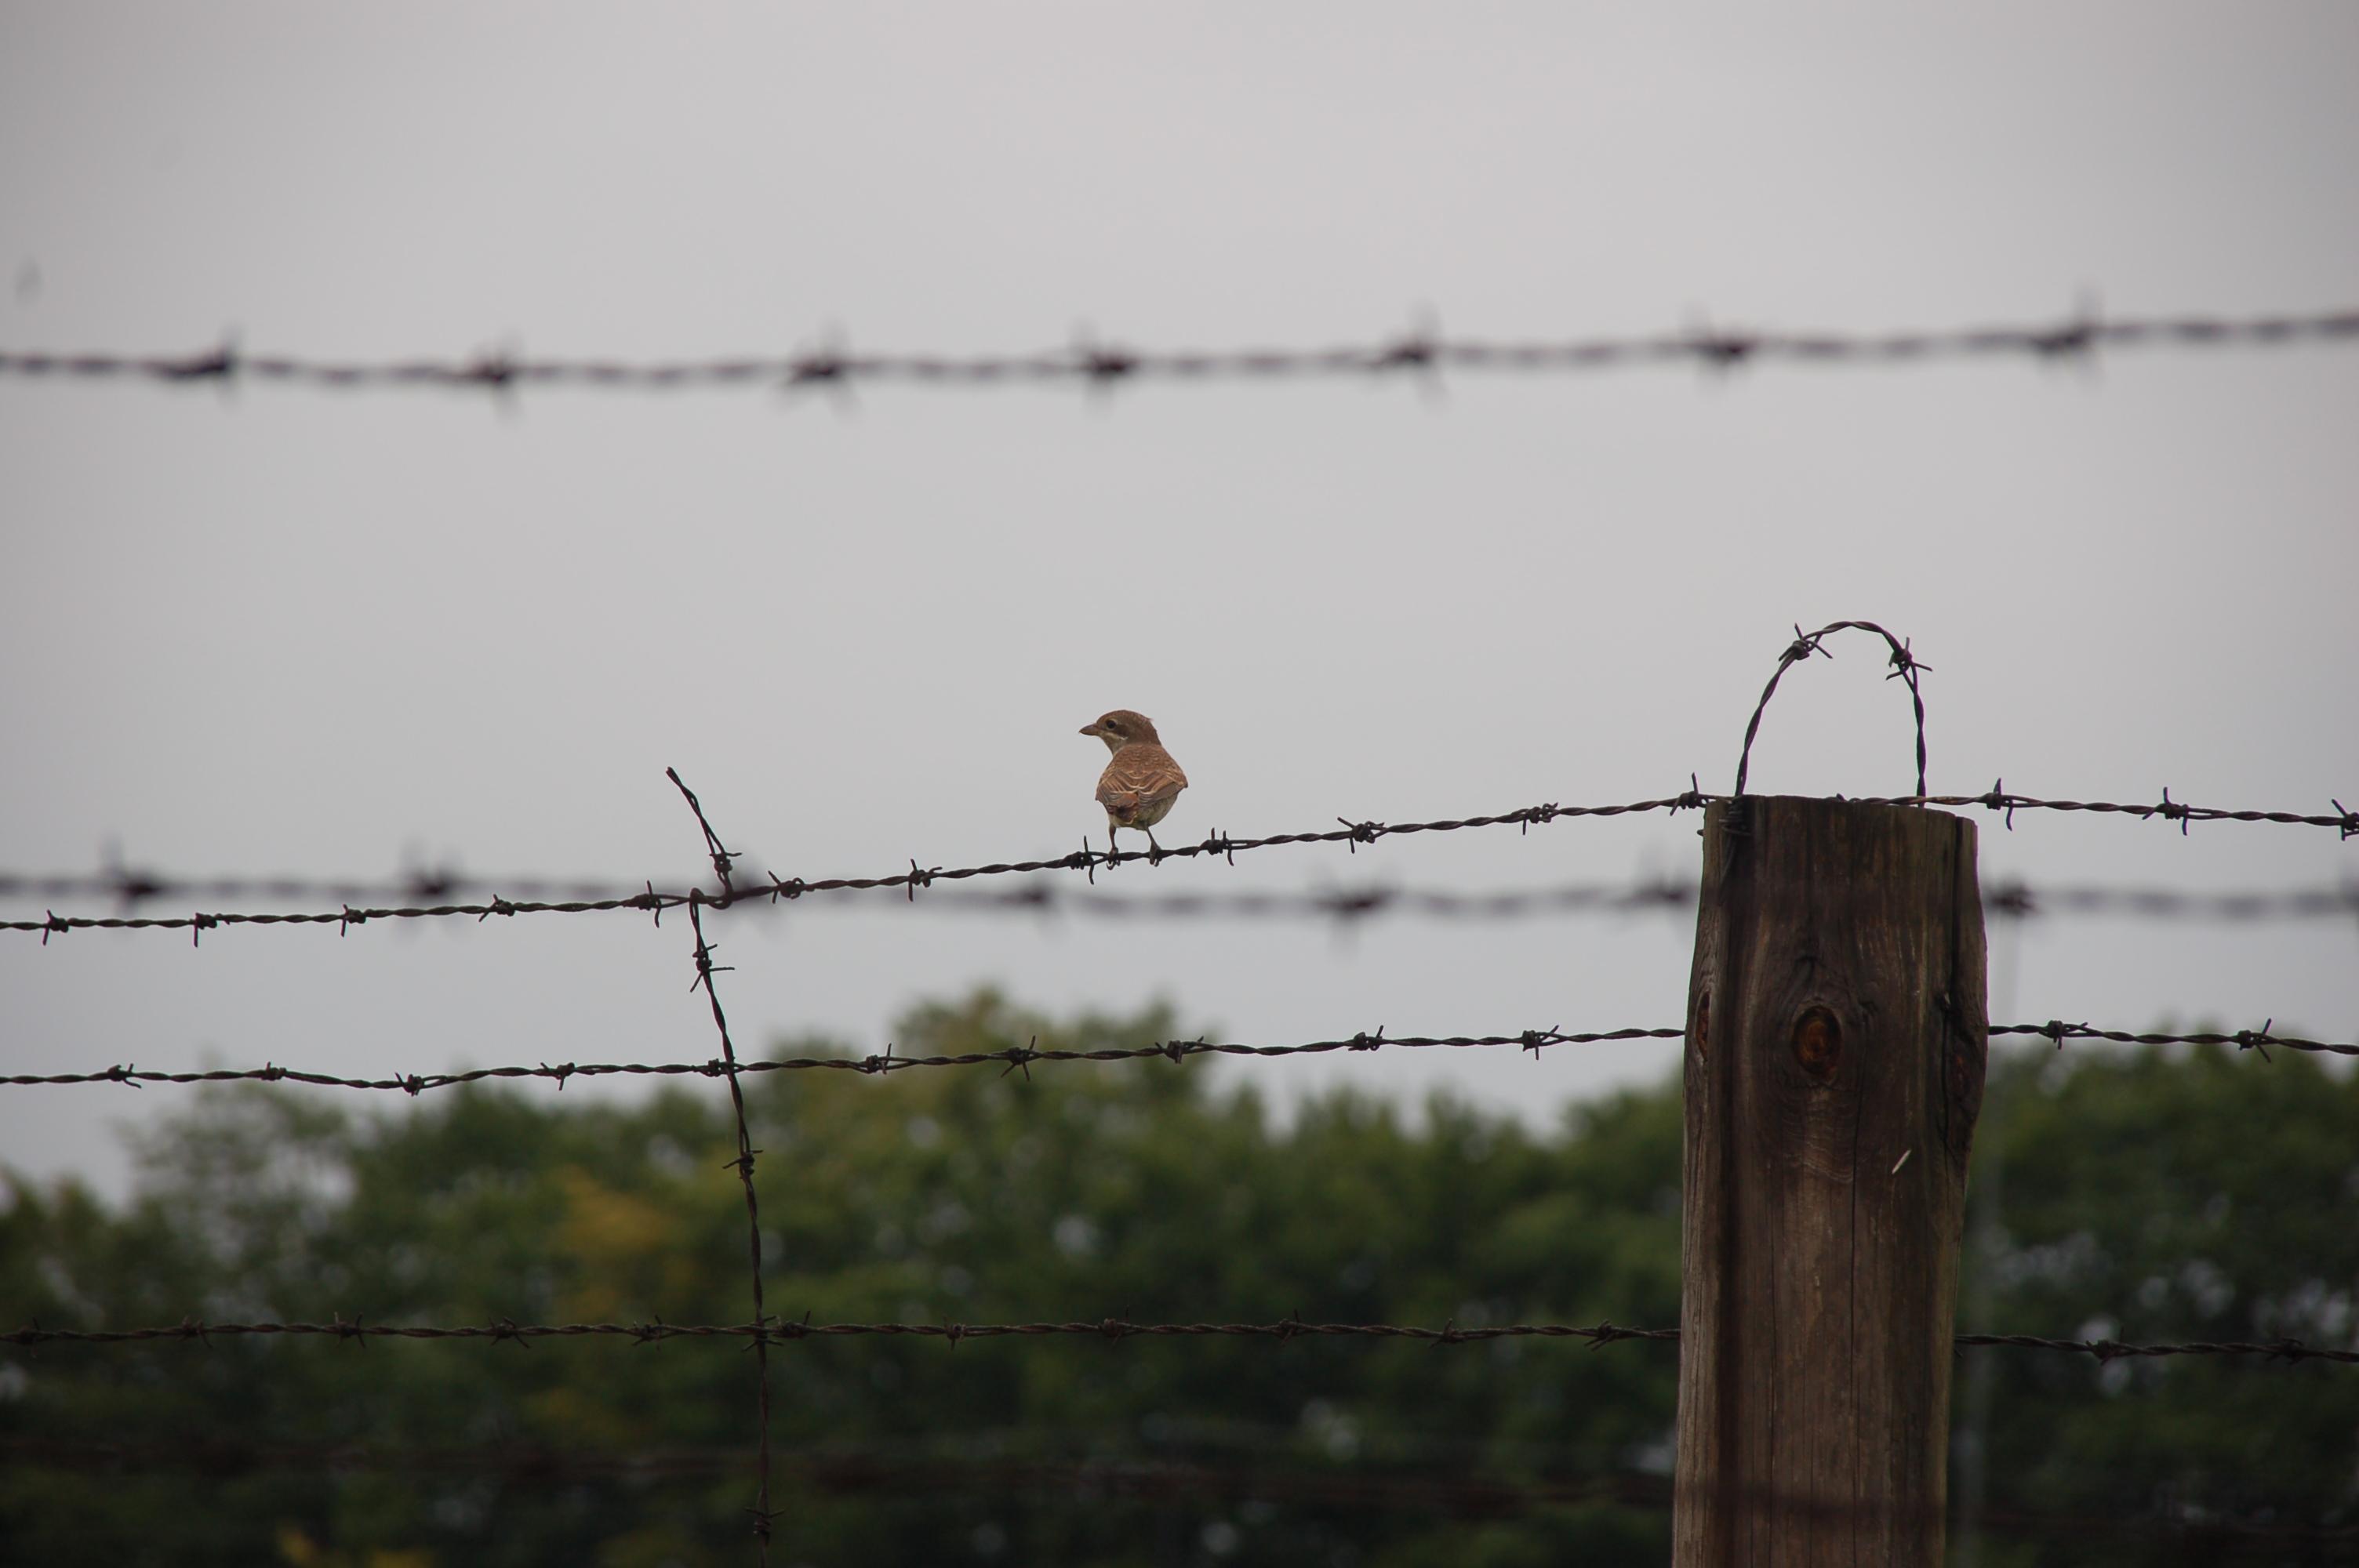 File:Lublin - Majdanek - 017 - Bird on barbed wire.jpg - Wikimedia ...